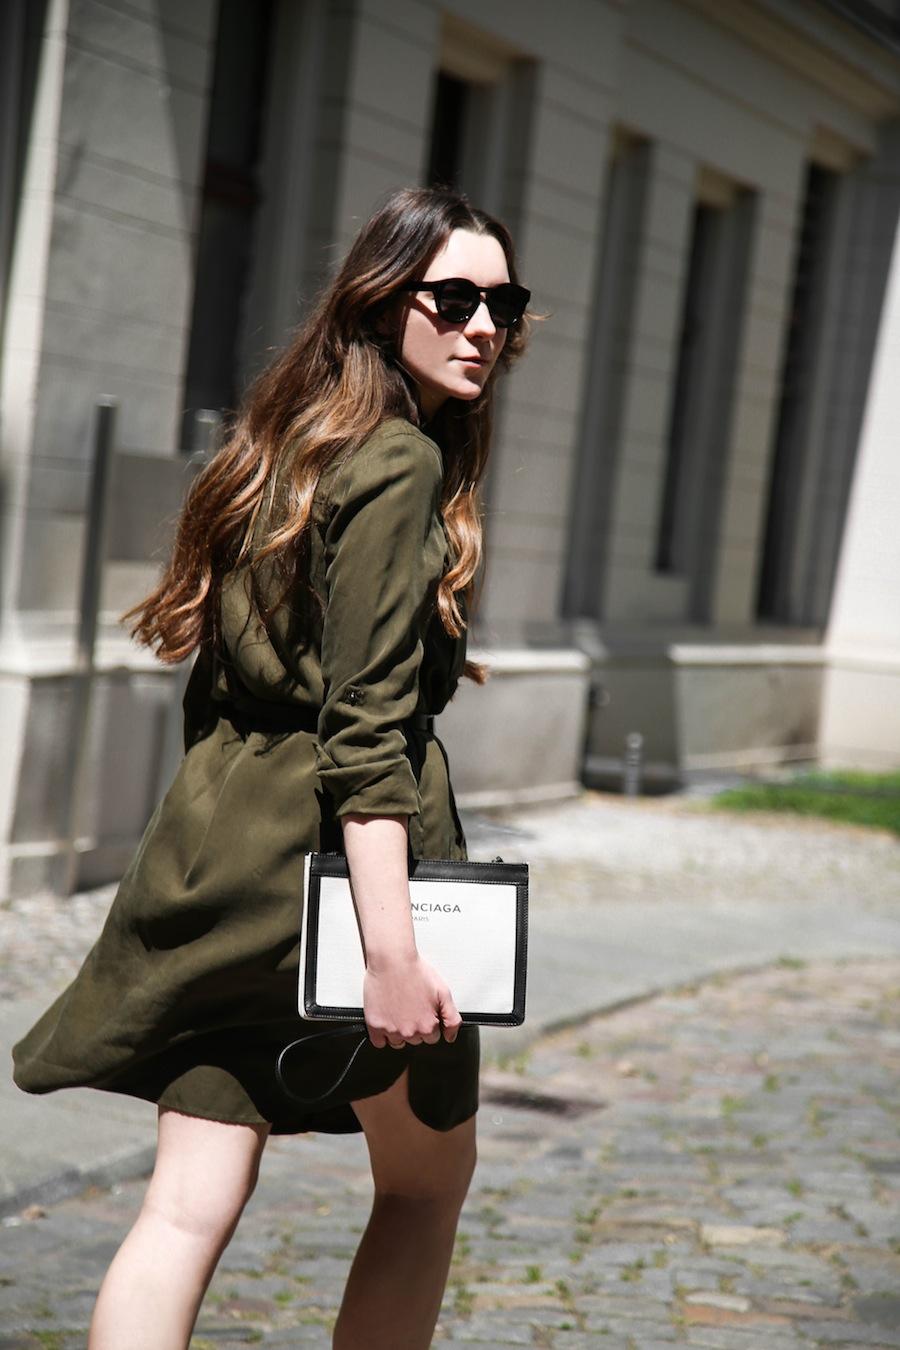 ari_traegt_khaki_dress_balenciaga_canvas_bag7